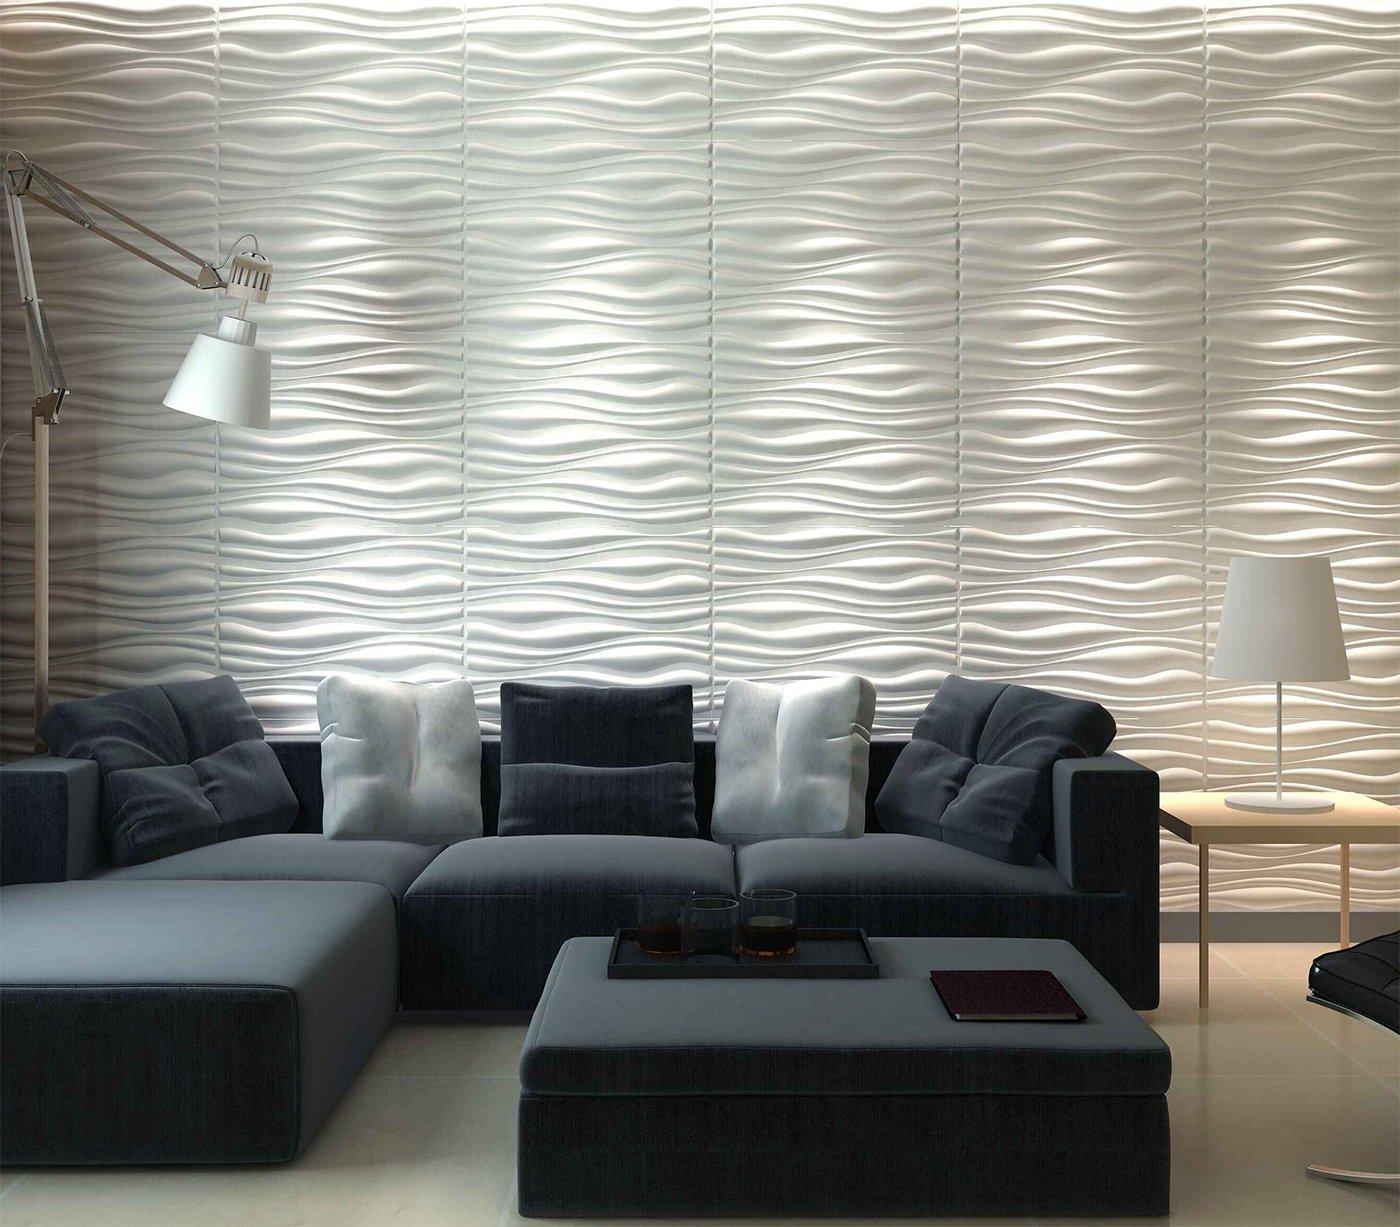 100 Living Room Luxury Fiberboard Wall Bedroom Home Interior Design Ideas Japanese Luxury